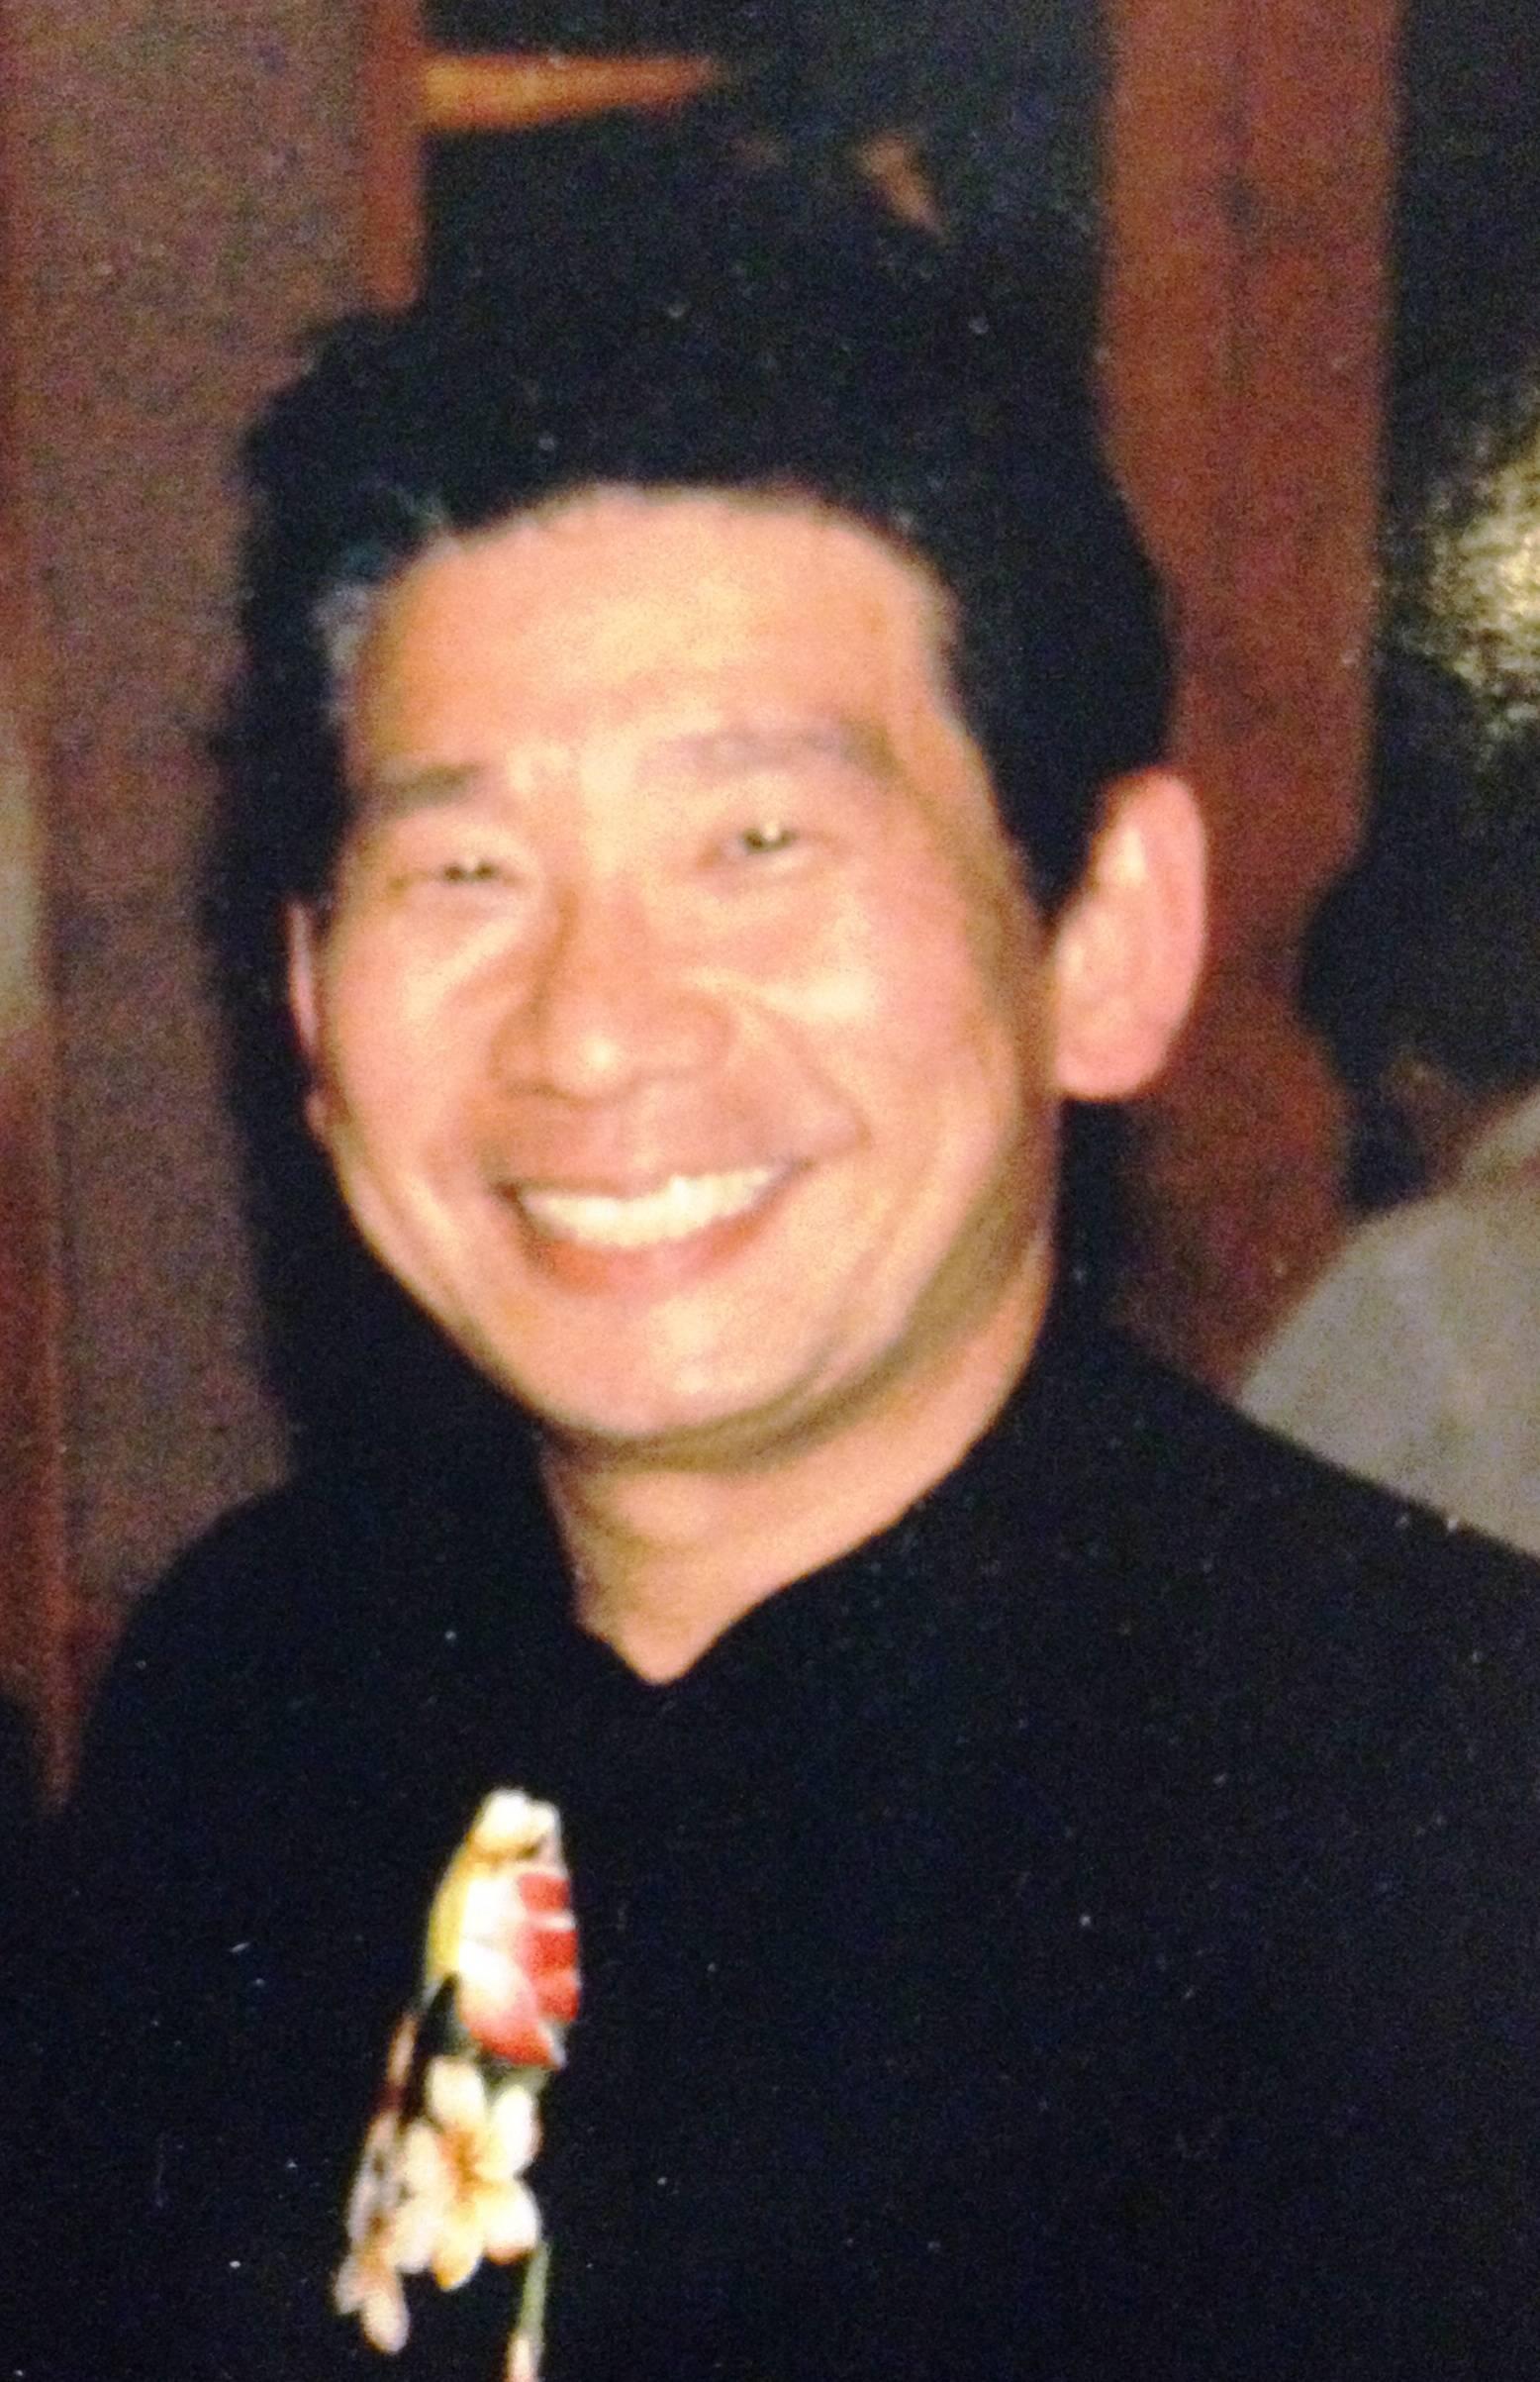 Fong doc photo